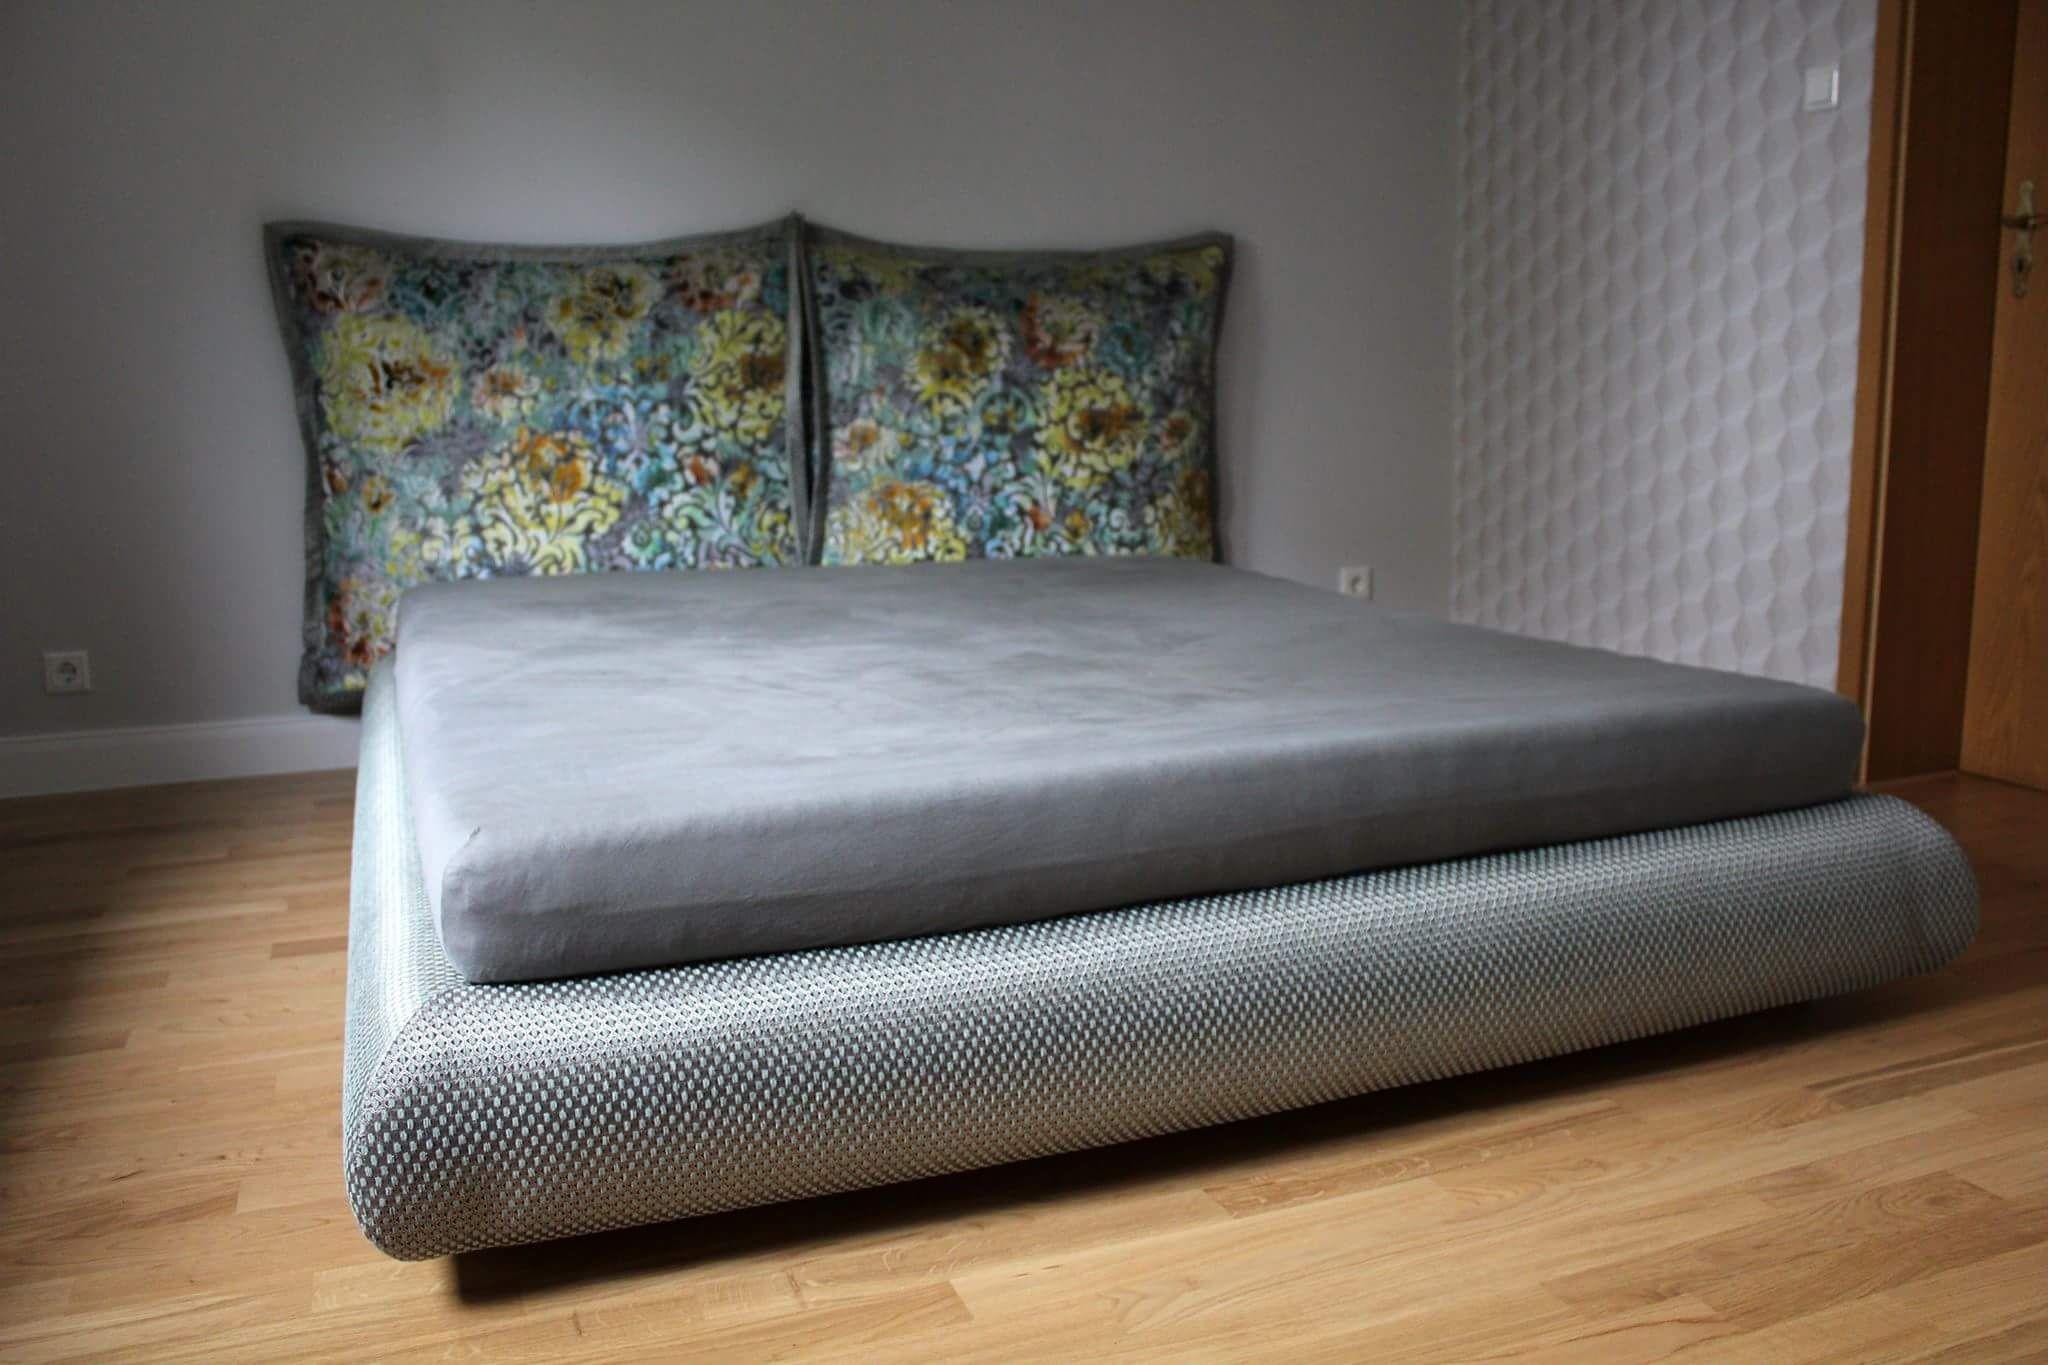 Made by Raumausstatter Schroeder #bed #pillow